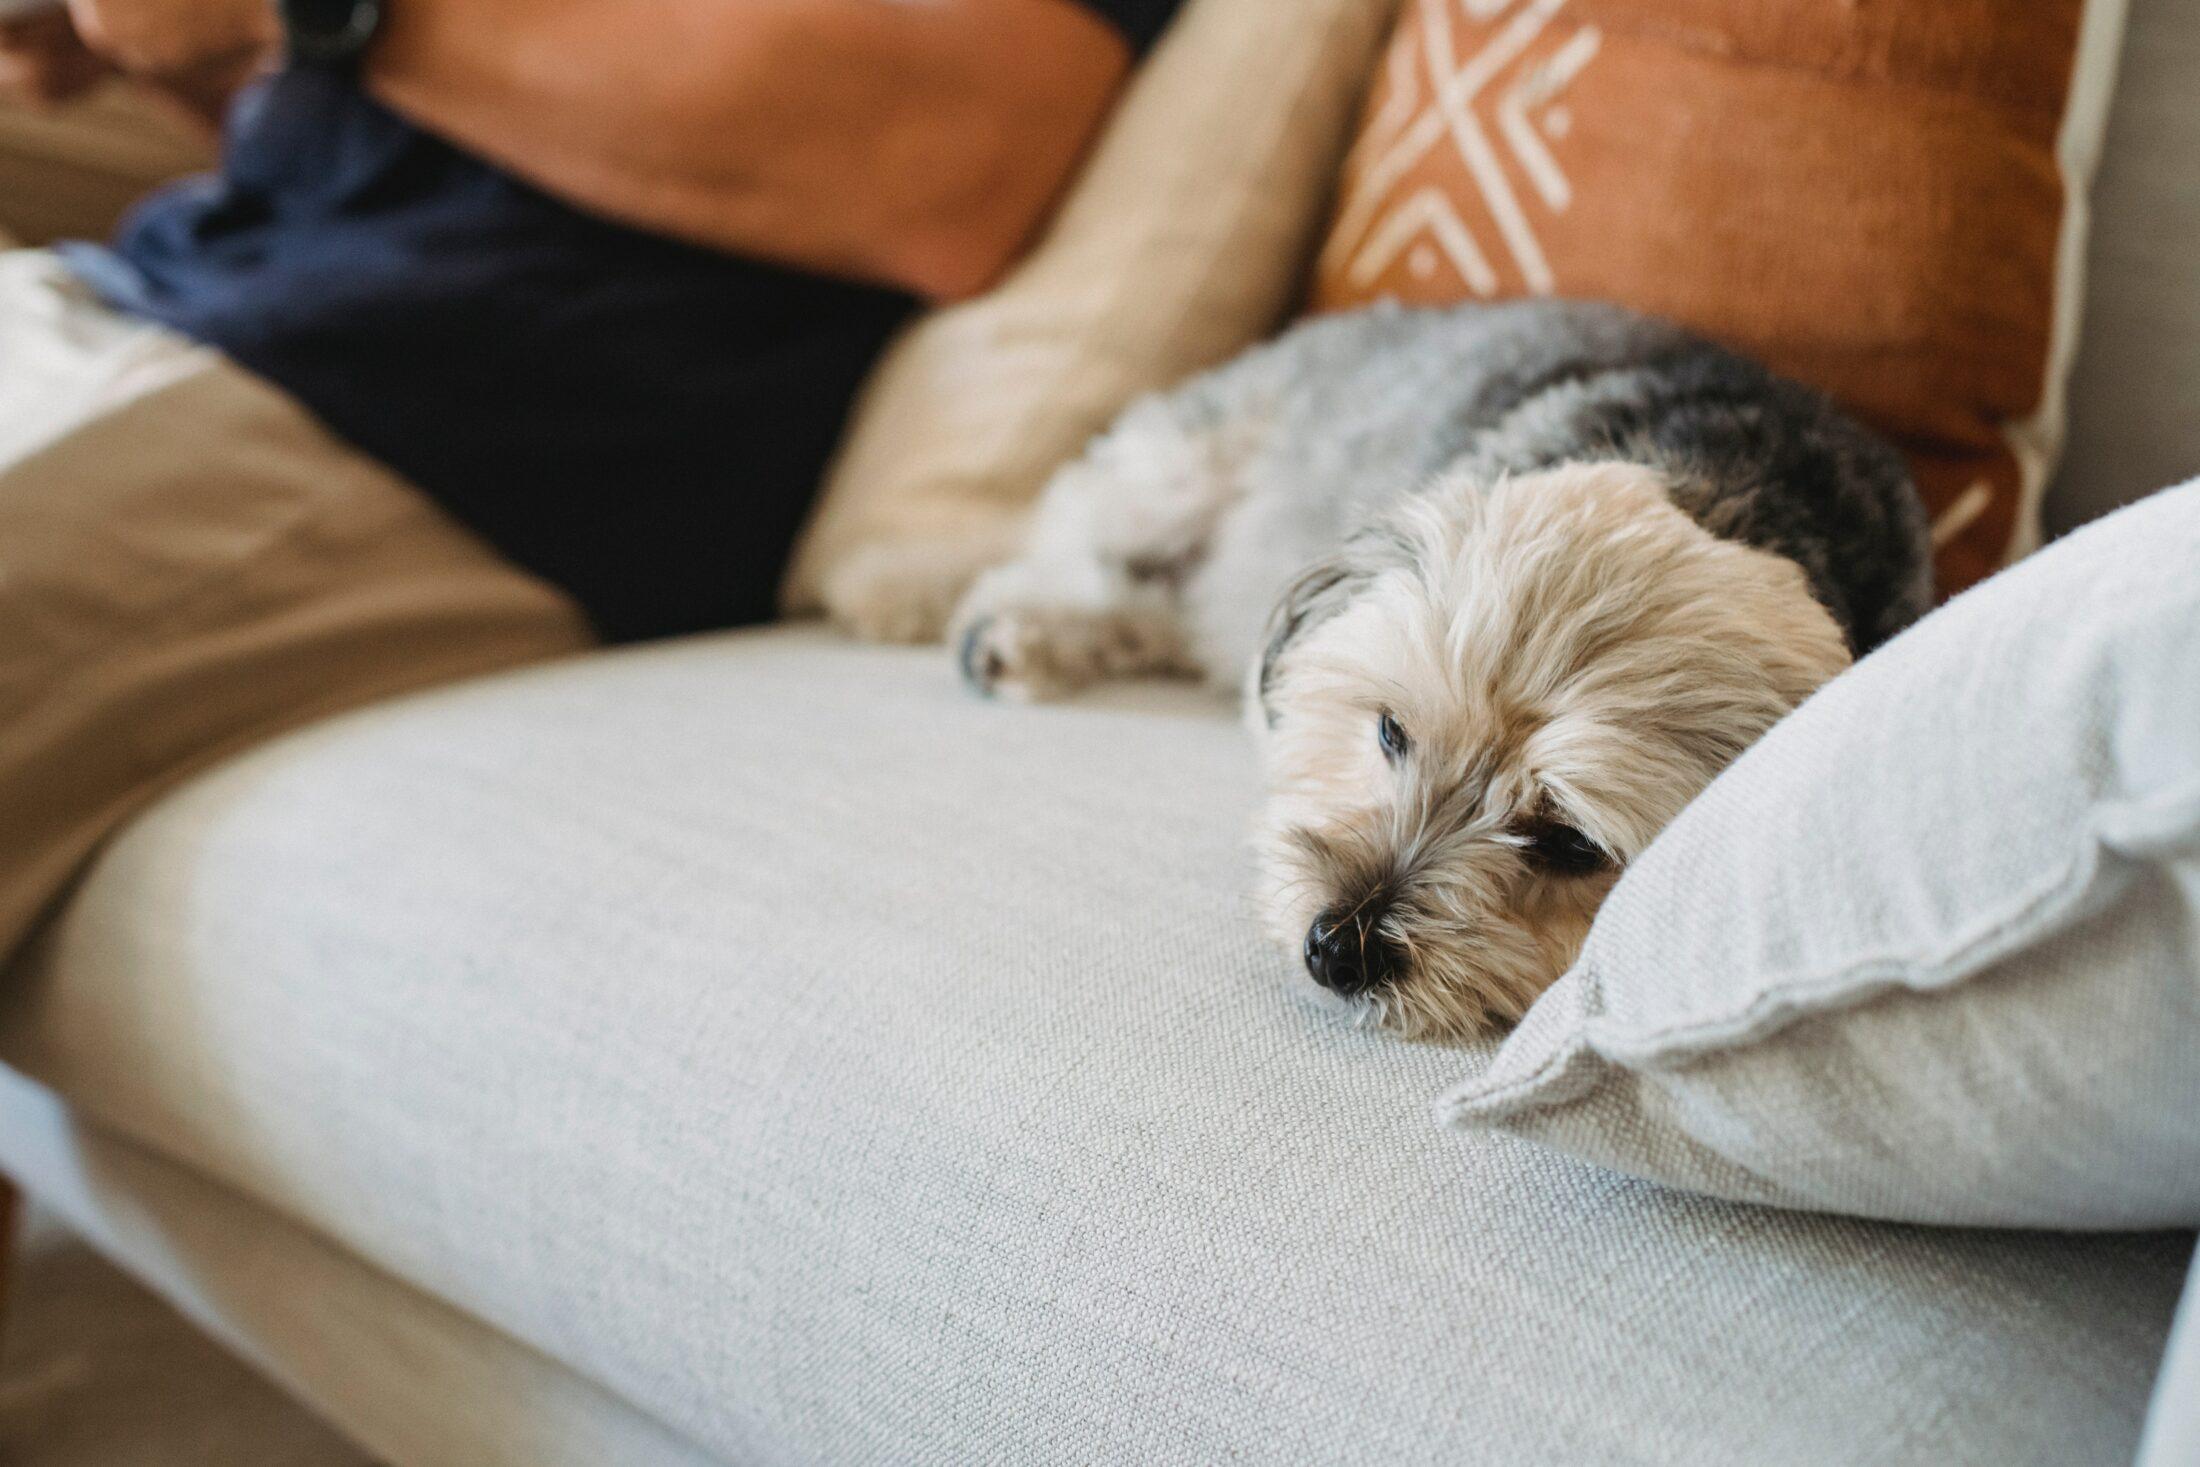 Se durante a noite de sono do filhote ocorrer acidentes, inlcua mais saídas para se aliviar.